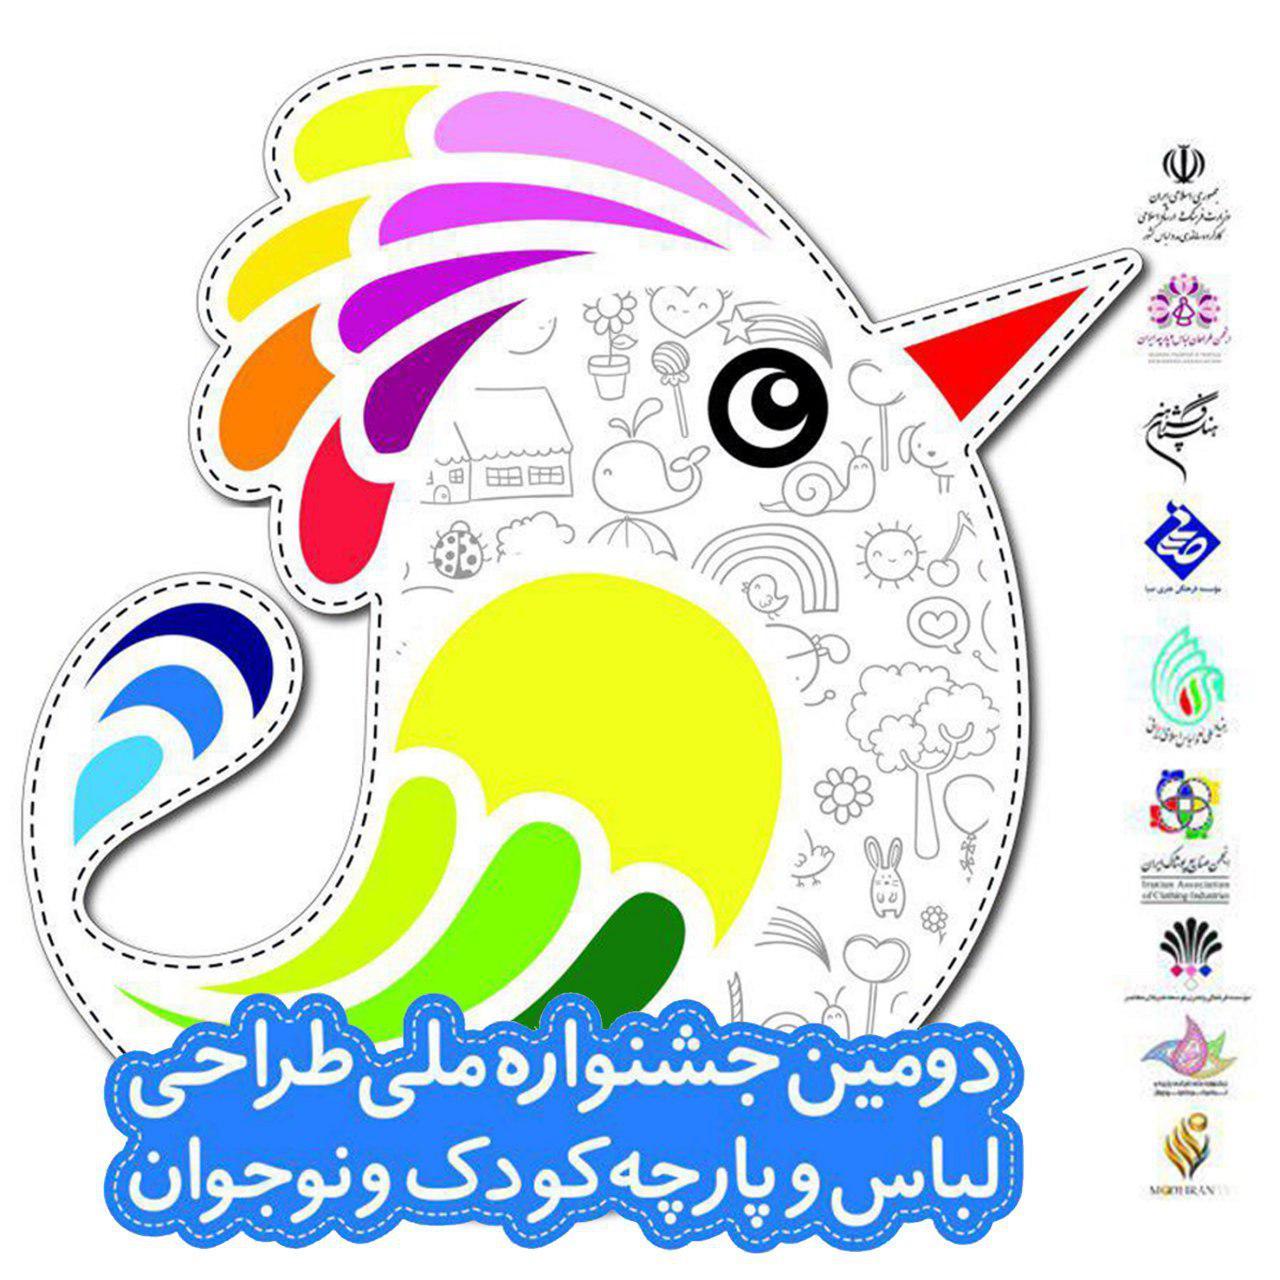 حمایتهای دولتی برای جشنواره پارچه و لباس کودک و نوجوان کافی نیست